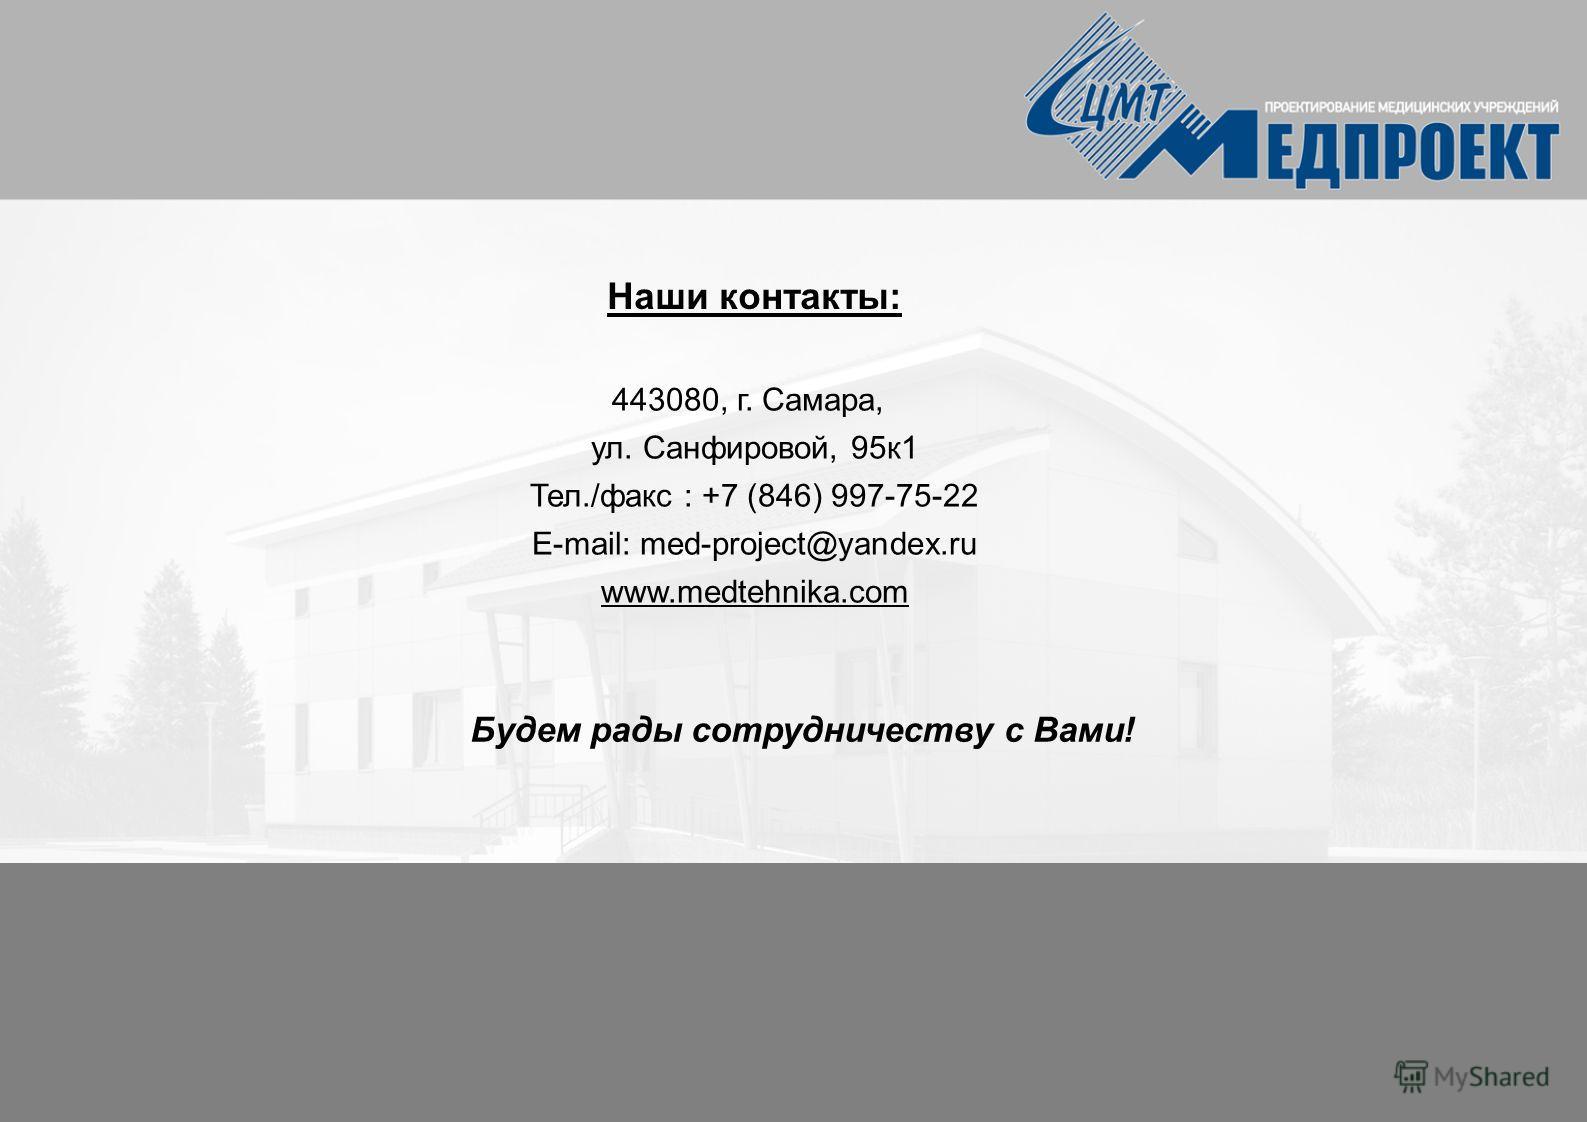 Наши контакты: 443080, г. Самара, ул. Санфировой, 95 к 1 Тел./факс : +7 (846) 997-75-22 E-mail: med-project@yandex.ru www.medtehnika.com Будем рады сотрудничеству с Вами!